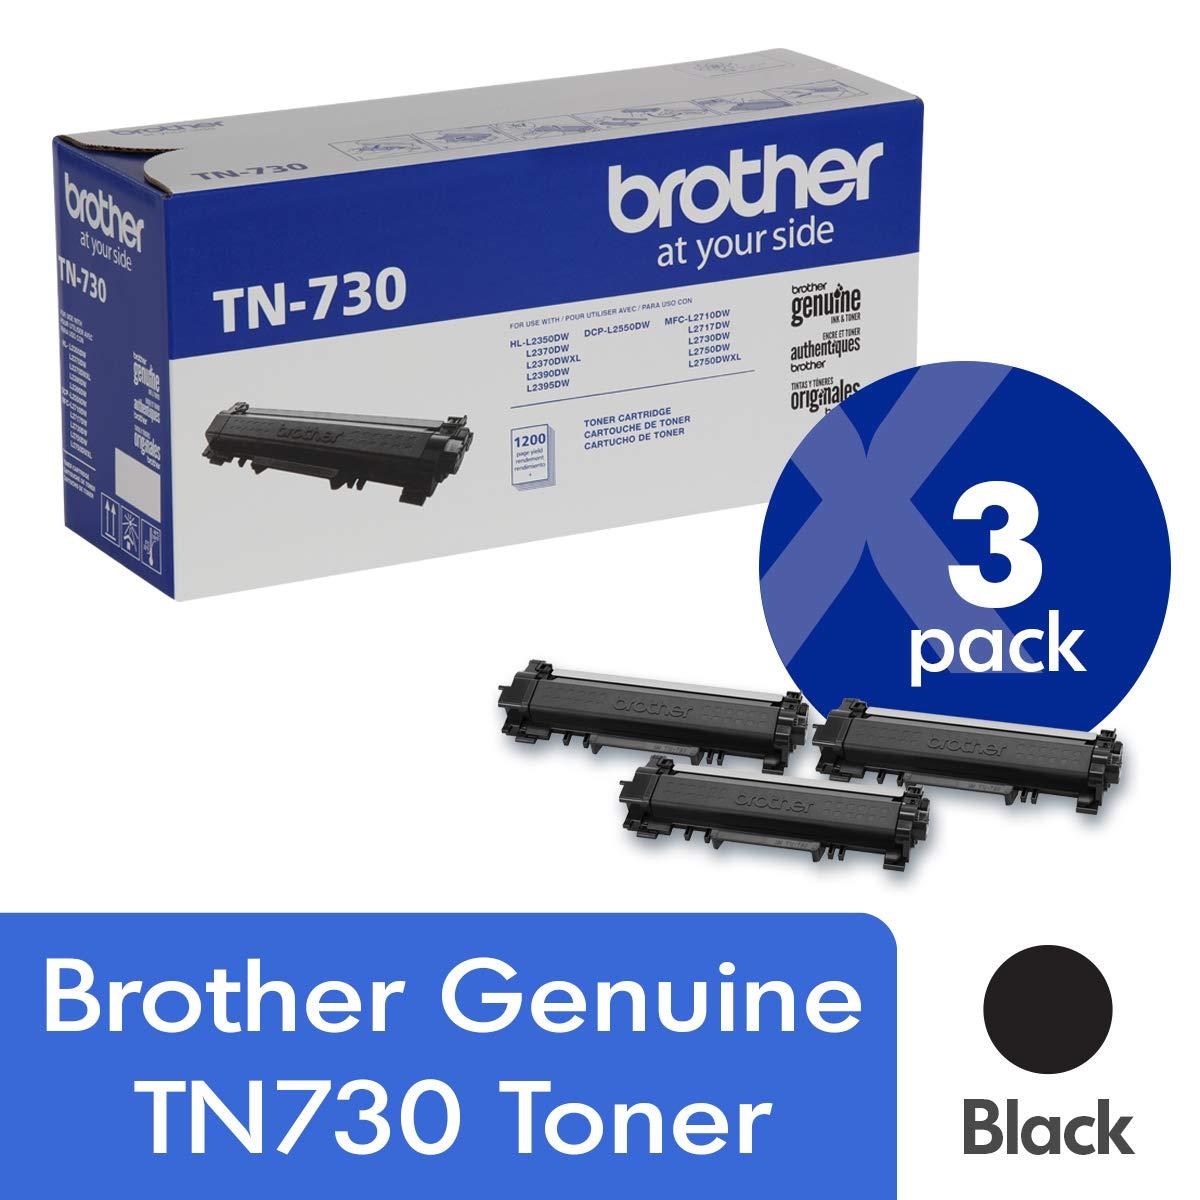 Toner Original BROTHER TN730 3-Pack Normal Capacidad Black con Aprox. 1,200 Páginas